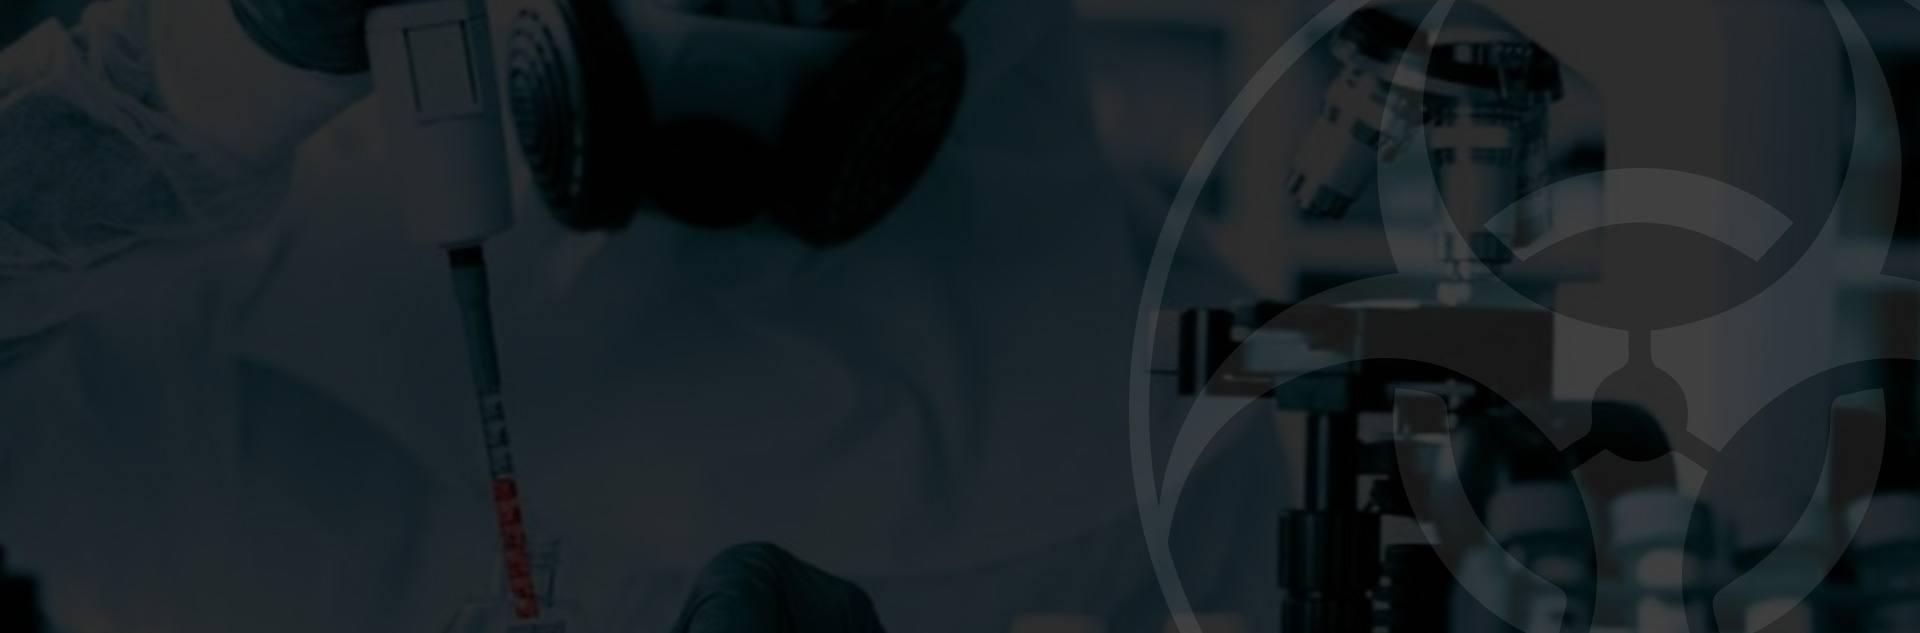 STC, La garantie de votre sécurité